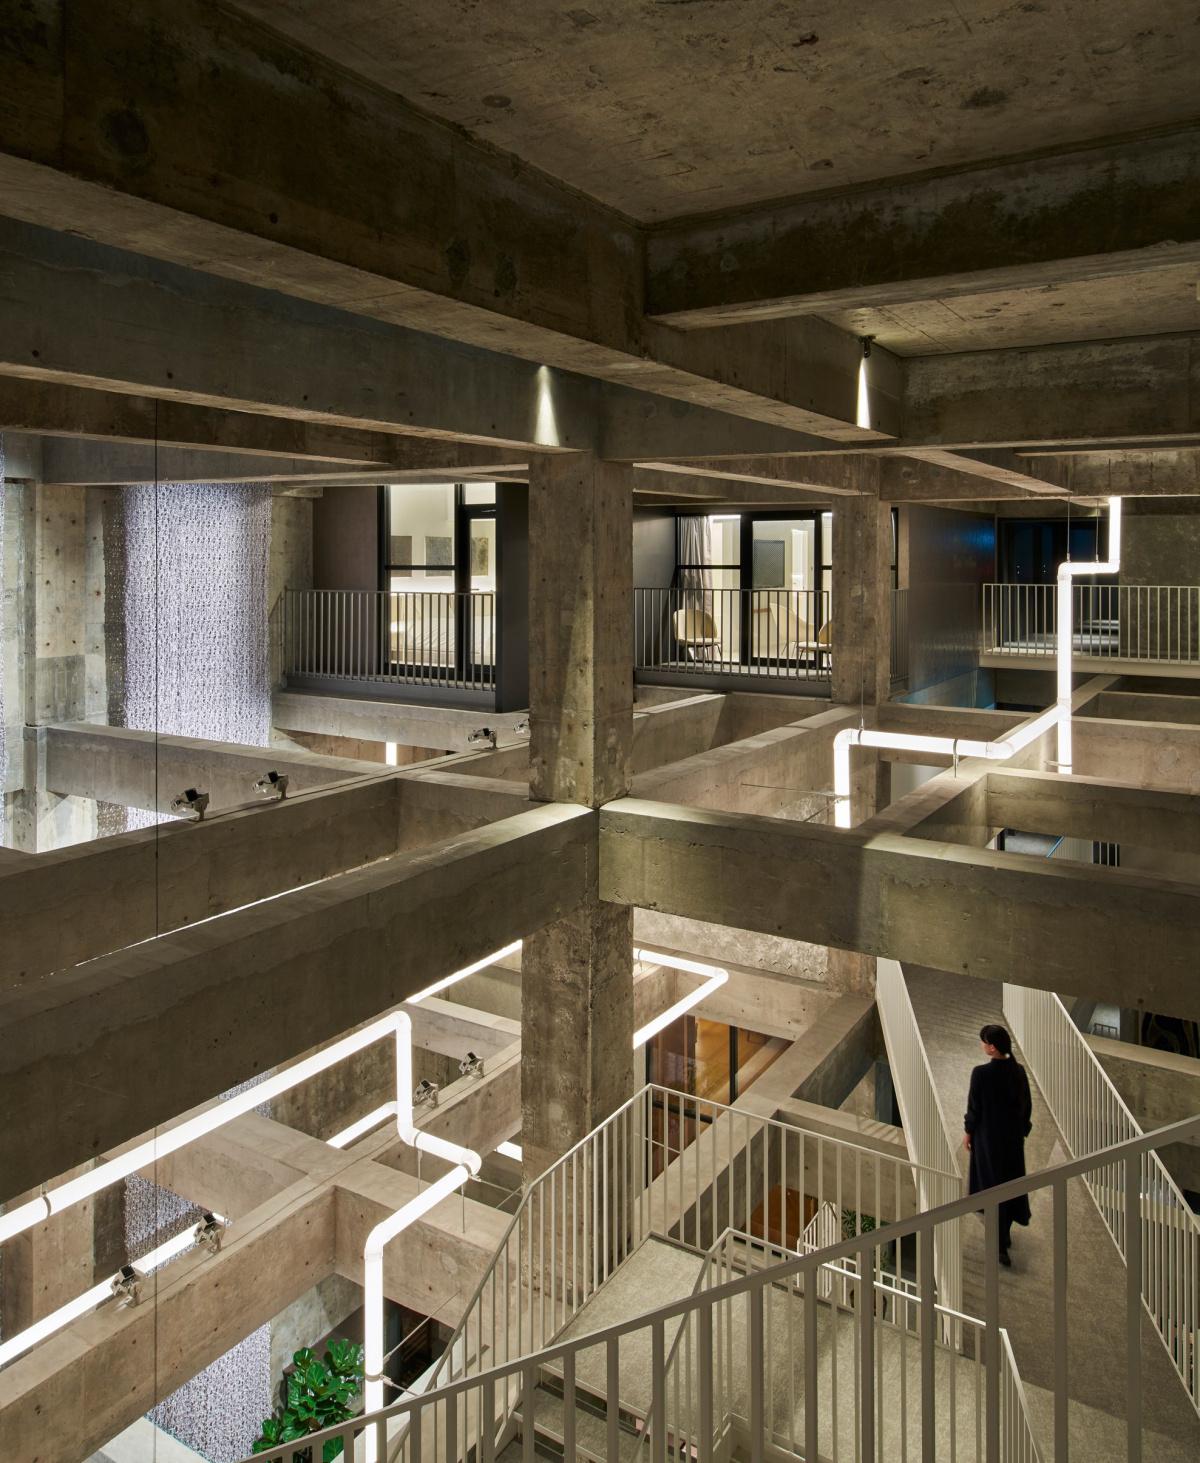 新しいホテルの「建築」は、藤本壮介さんしかいないと思った。